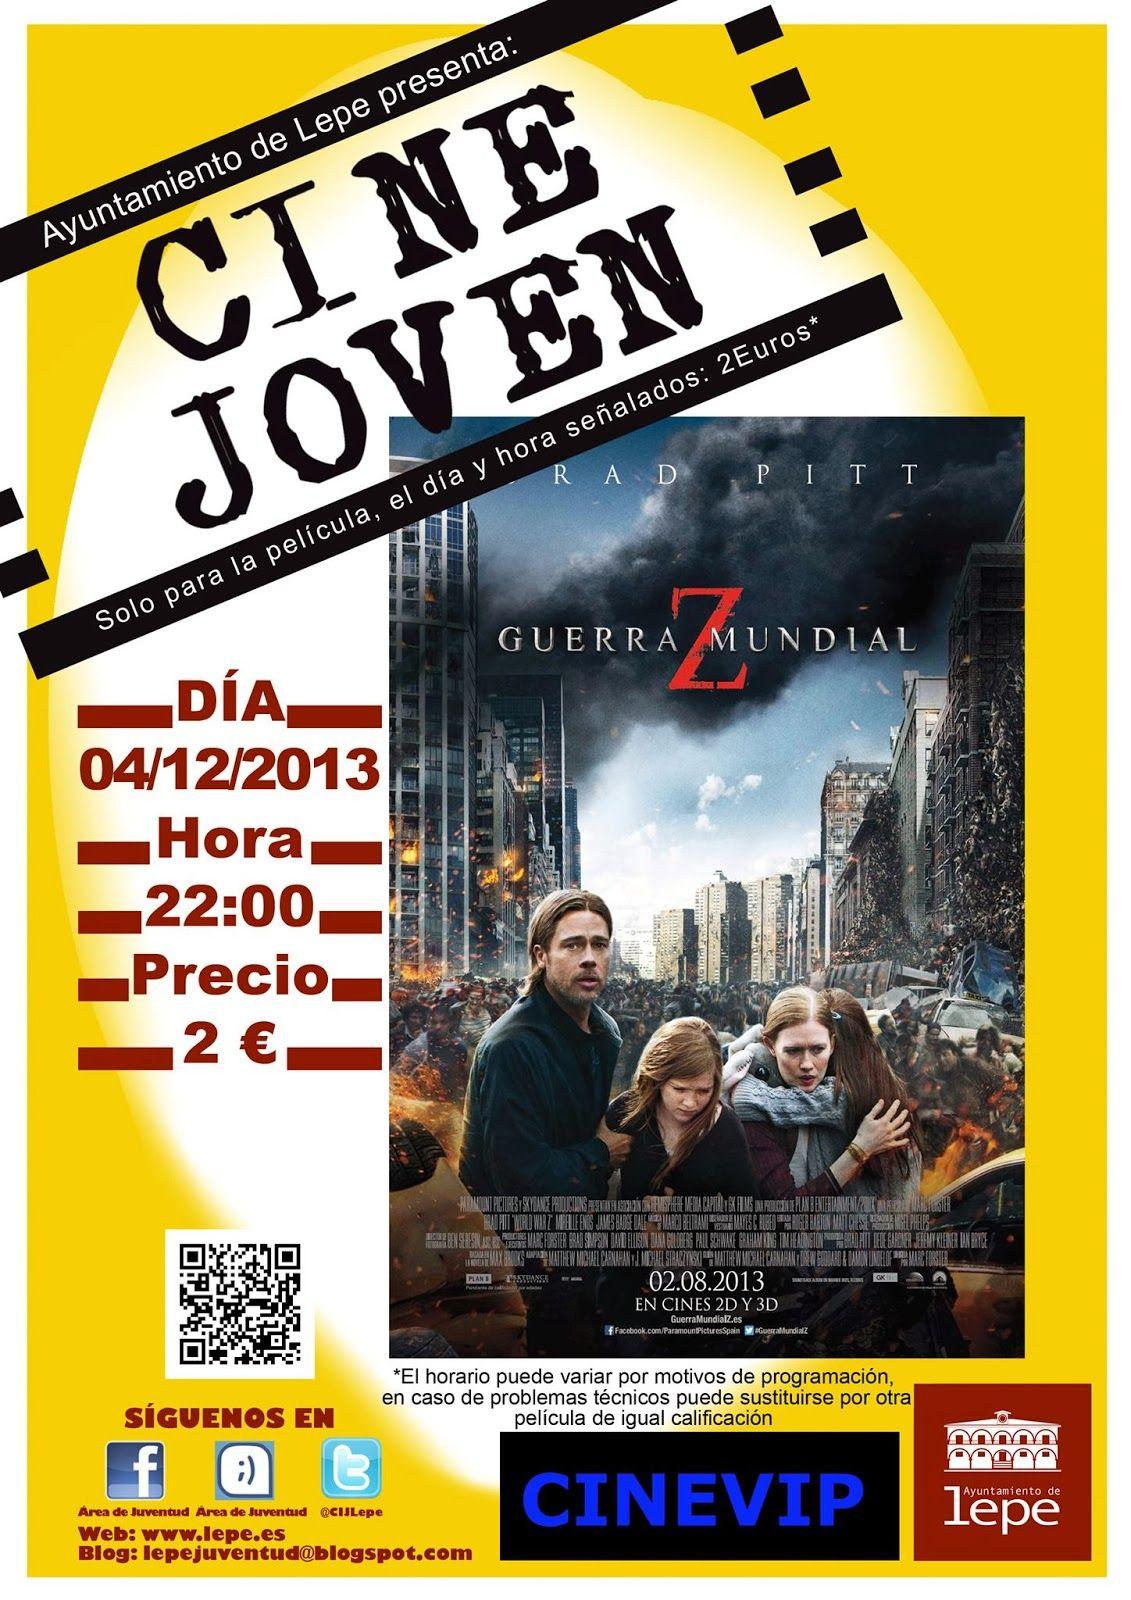 Cine Joven presenta: Guerra Mundial Z, el miércoles, 4 de diciembre, a las 22h en Cinevip Lepe